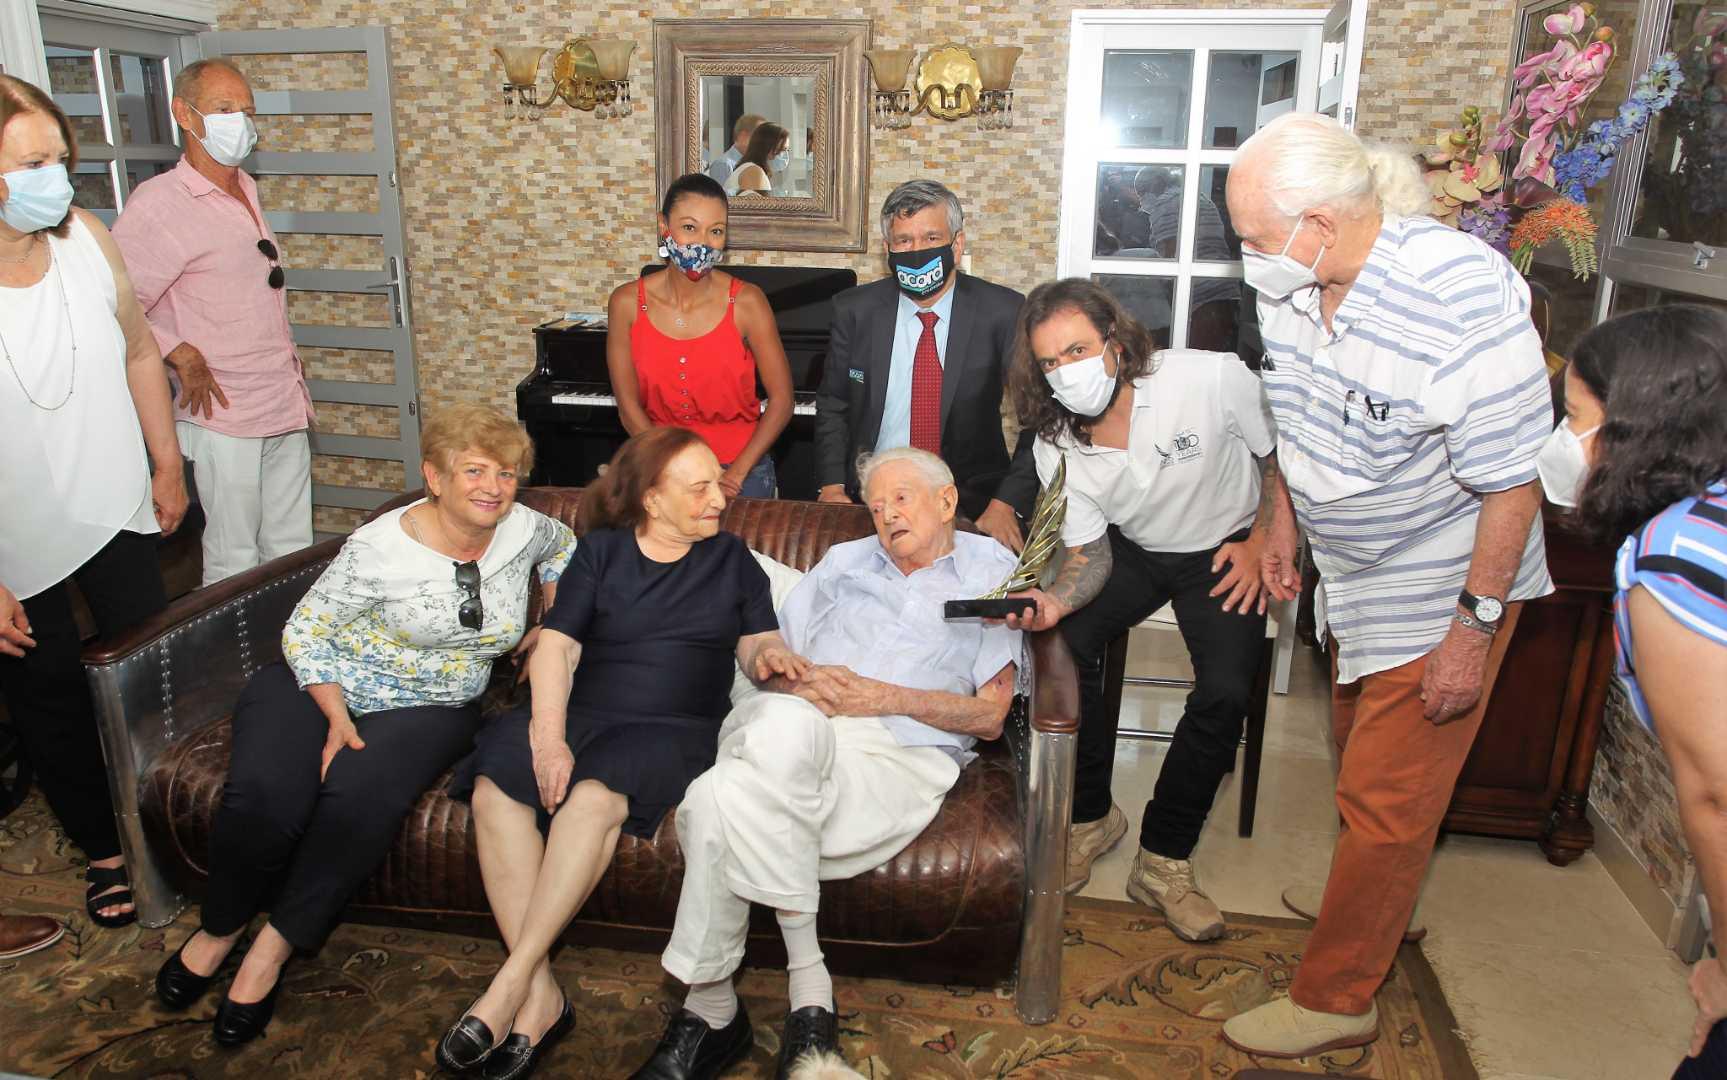 Association Internationale de la Presse Sportive: Le grand prix « AIPS » décerné à un journaliste sportif de 101 ans